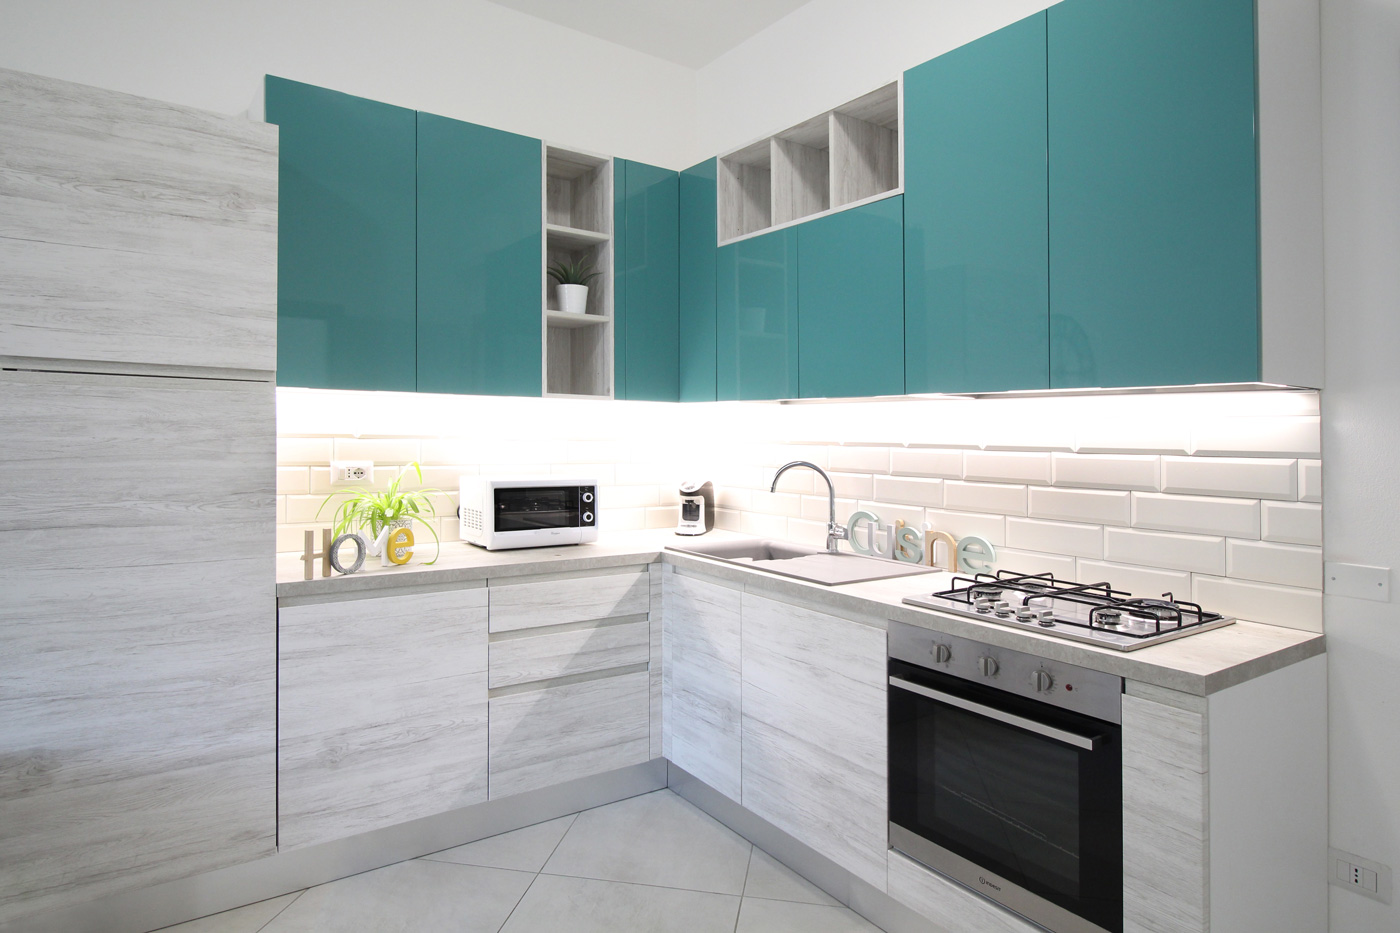 Appartamento samantha_Romagna case vacanze_IMG_7347